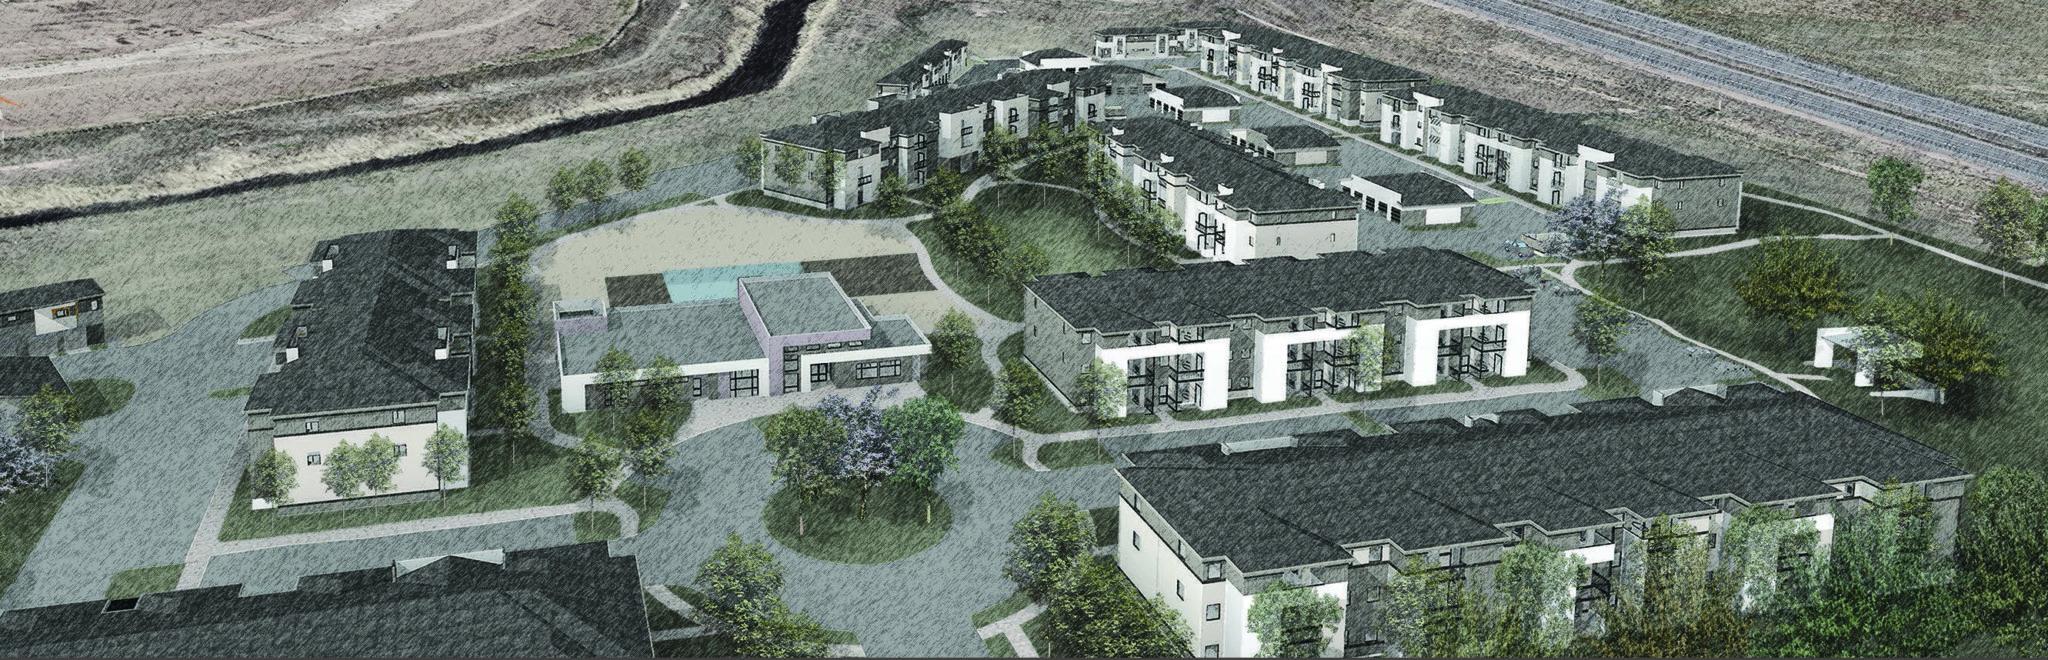 Luxury Apartments Break Ground On Harmony Corridor